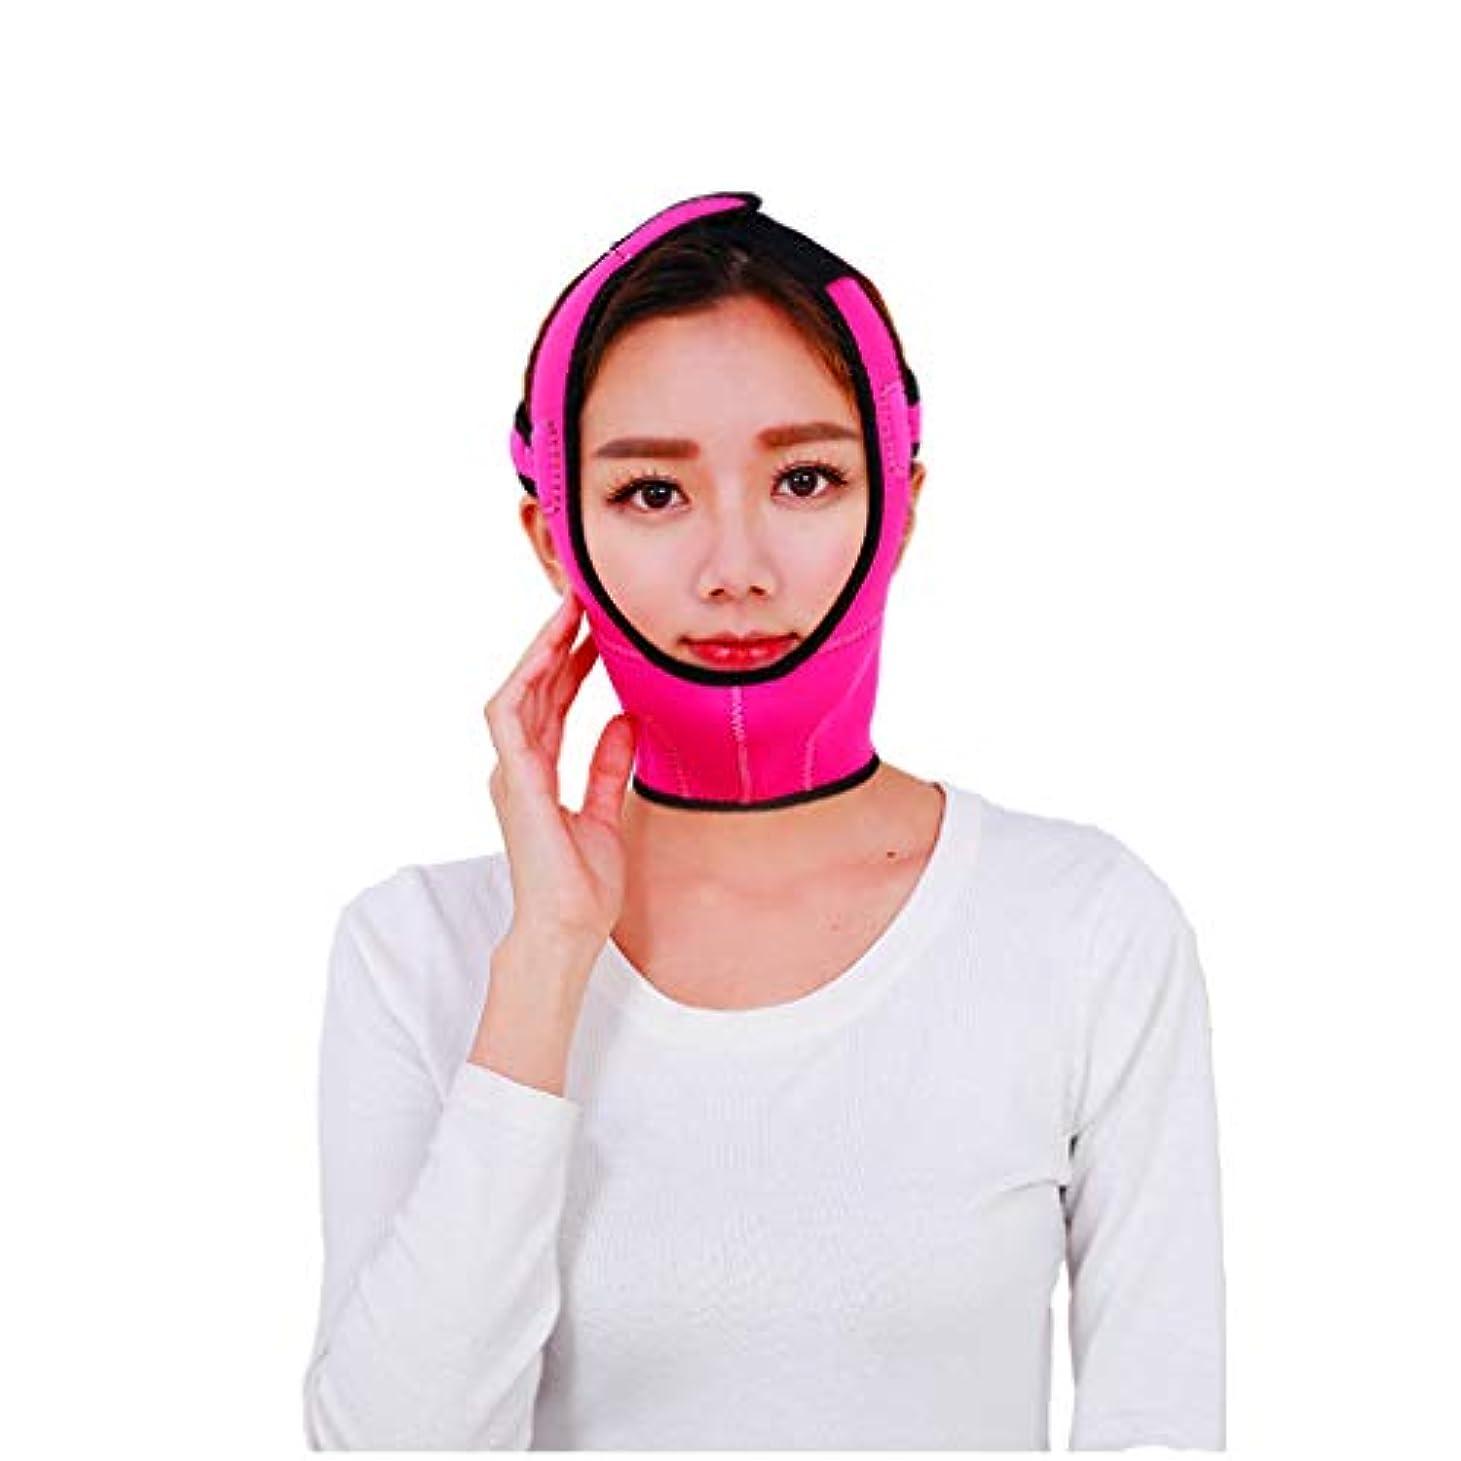 葉ブランデースラム顔のマスクは、胸の皮膚を引き締め首の皮膚を強化収縮リフティング包帯を和らげる